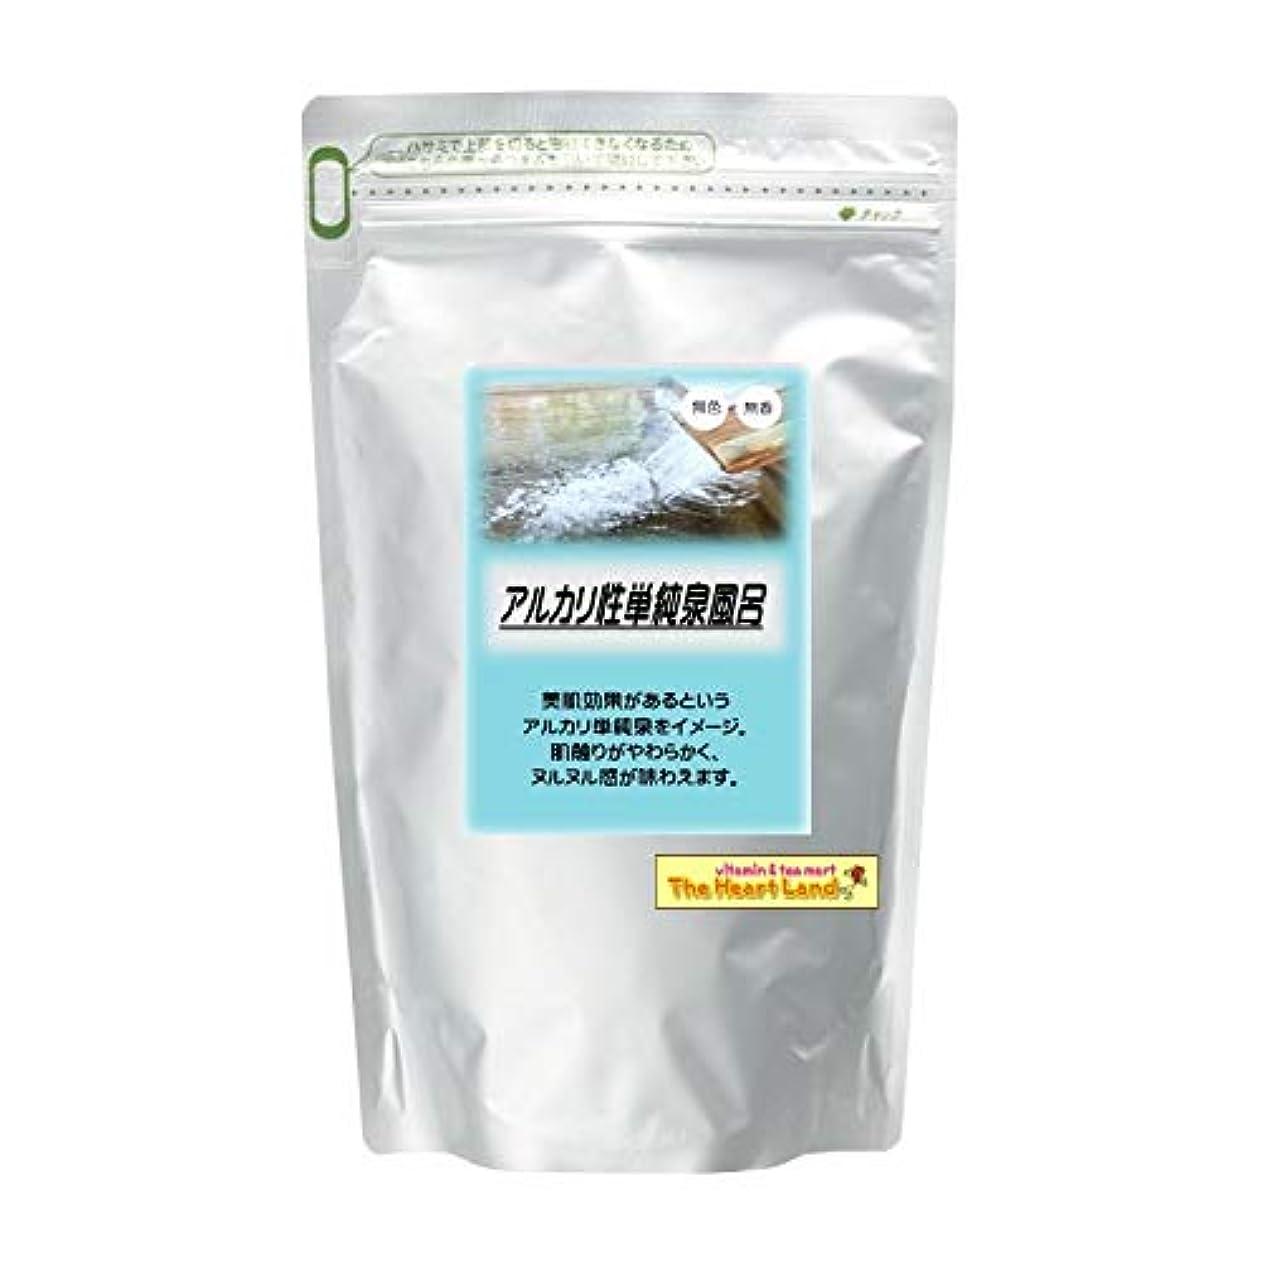 おんどり感度憤るアサヒ入浴剤 浴用入浴化粧品 アルカリ性単純泉風呂 2.5kg